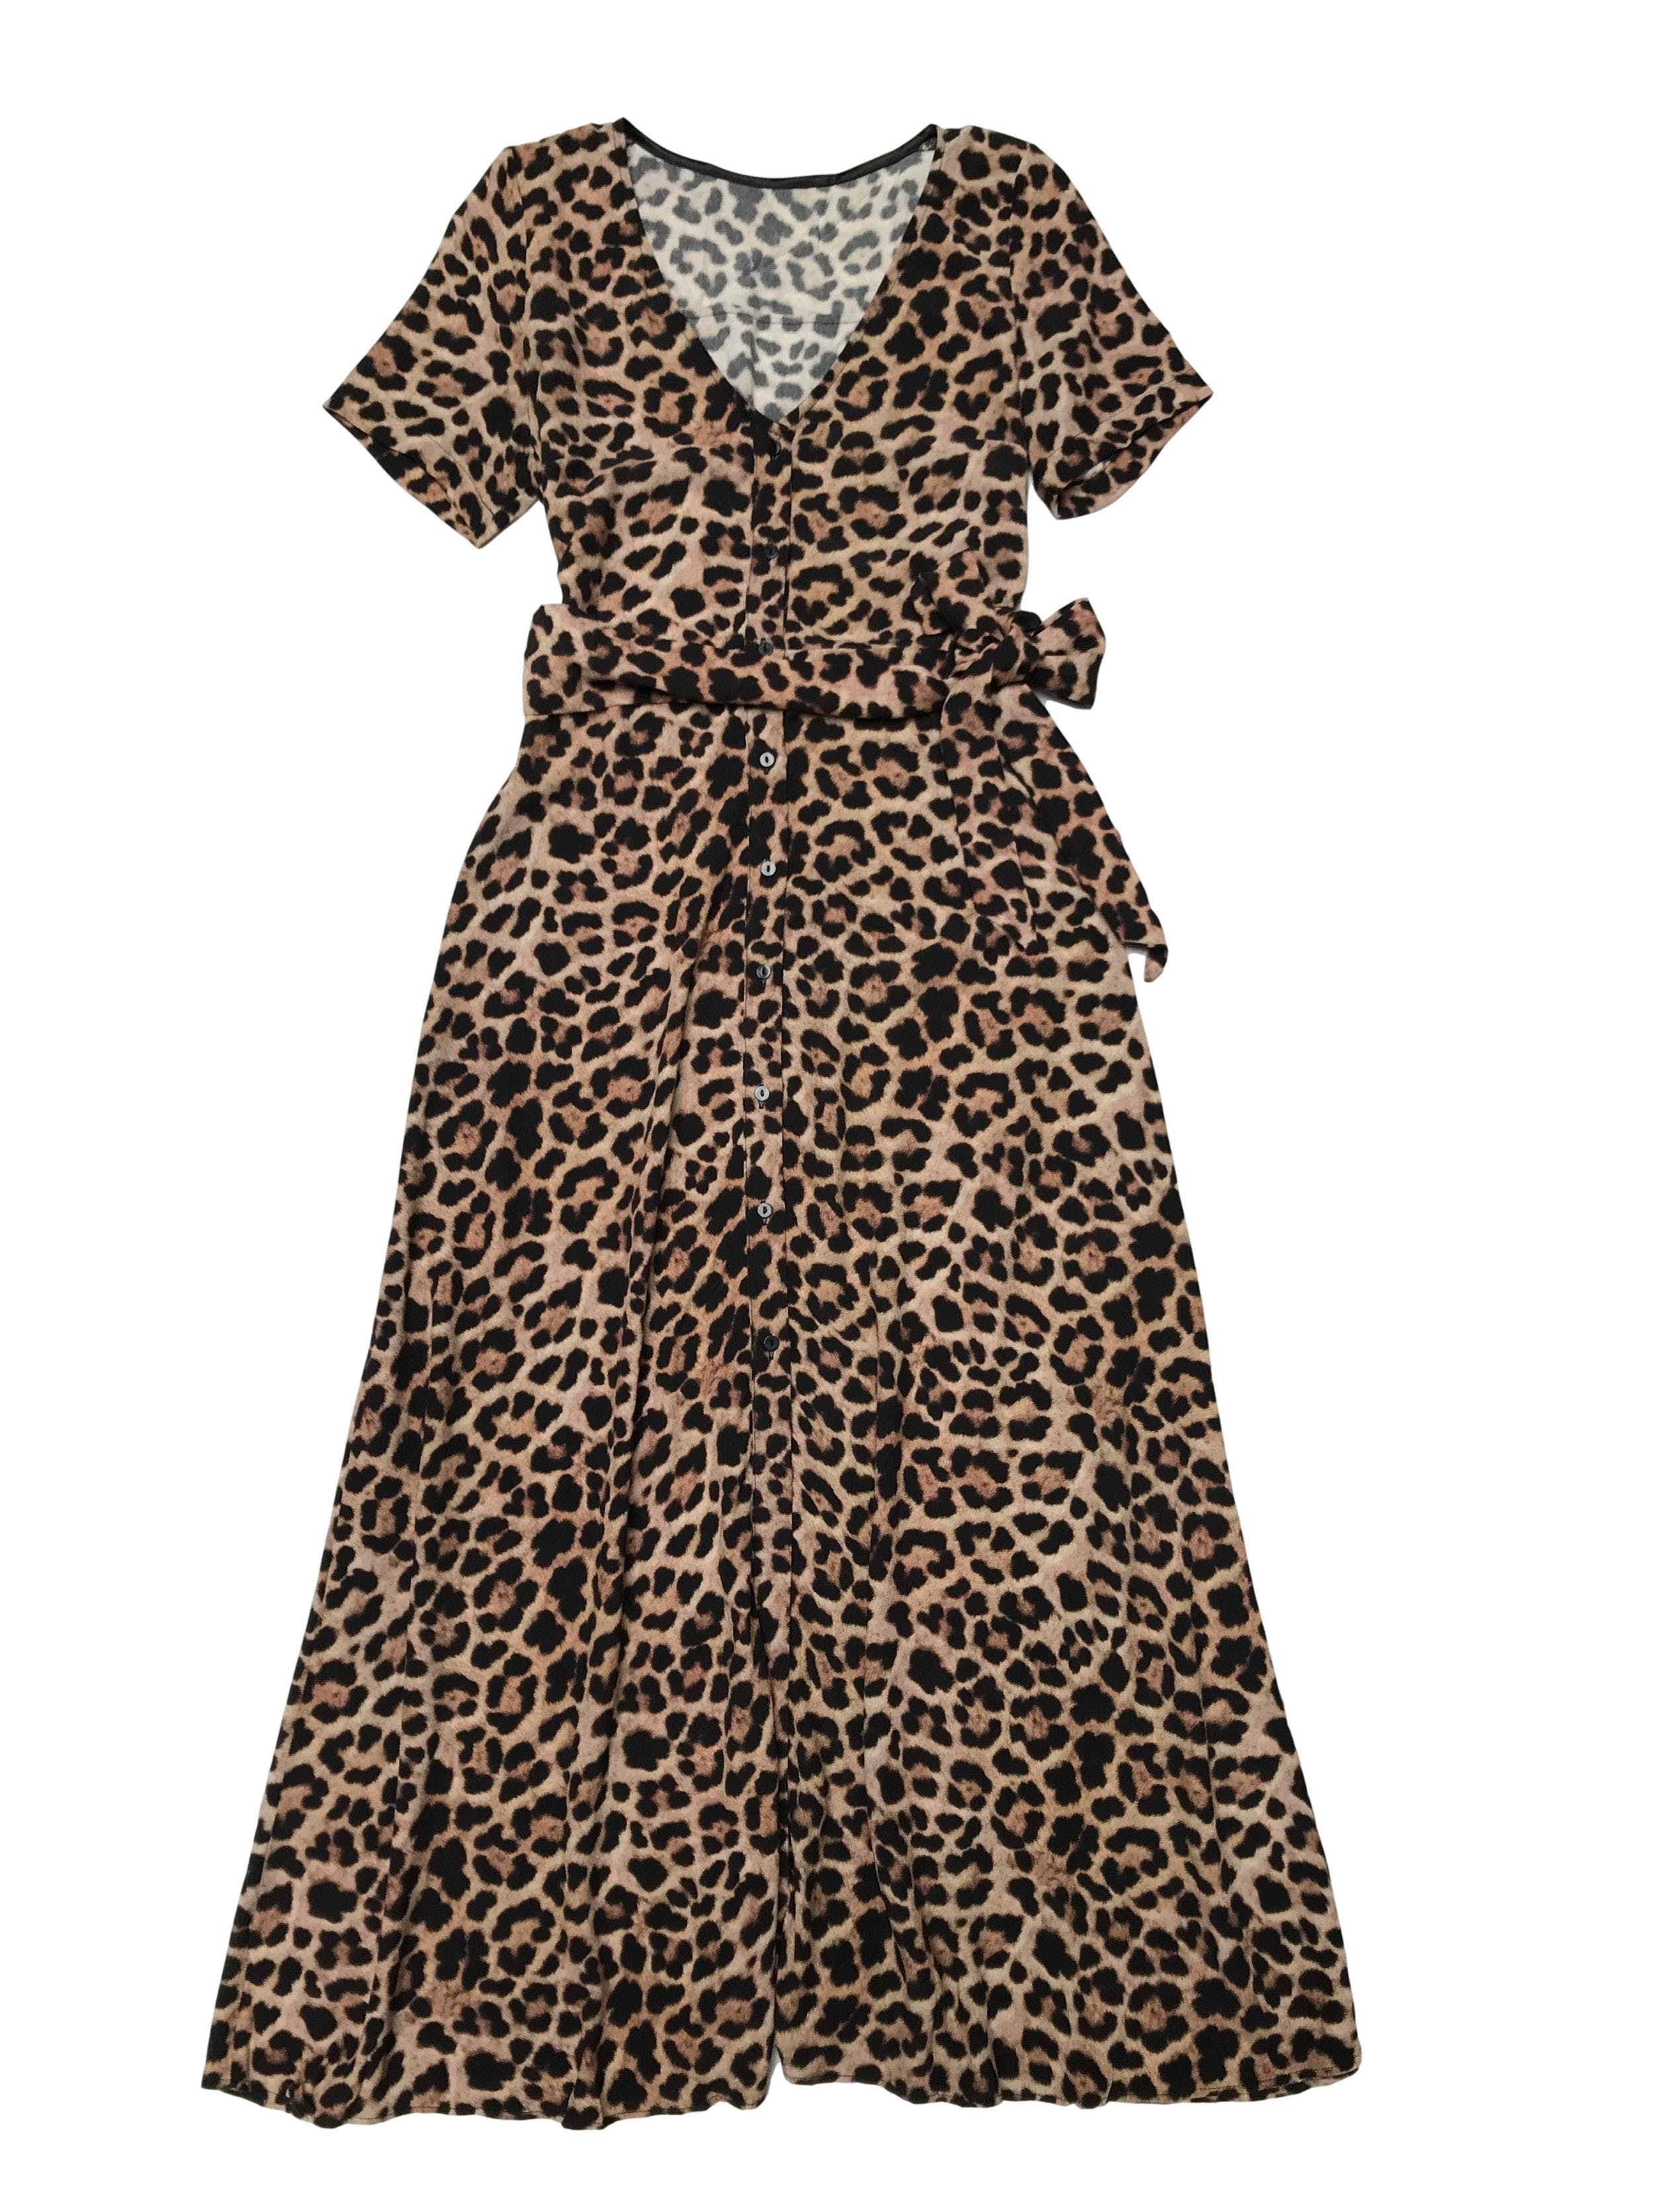 Vestido Zara animal print de crepé con botnes delanteros y cinto para amarrar.  Largo 130cm